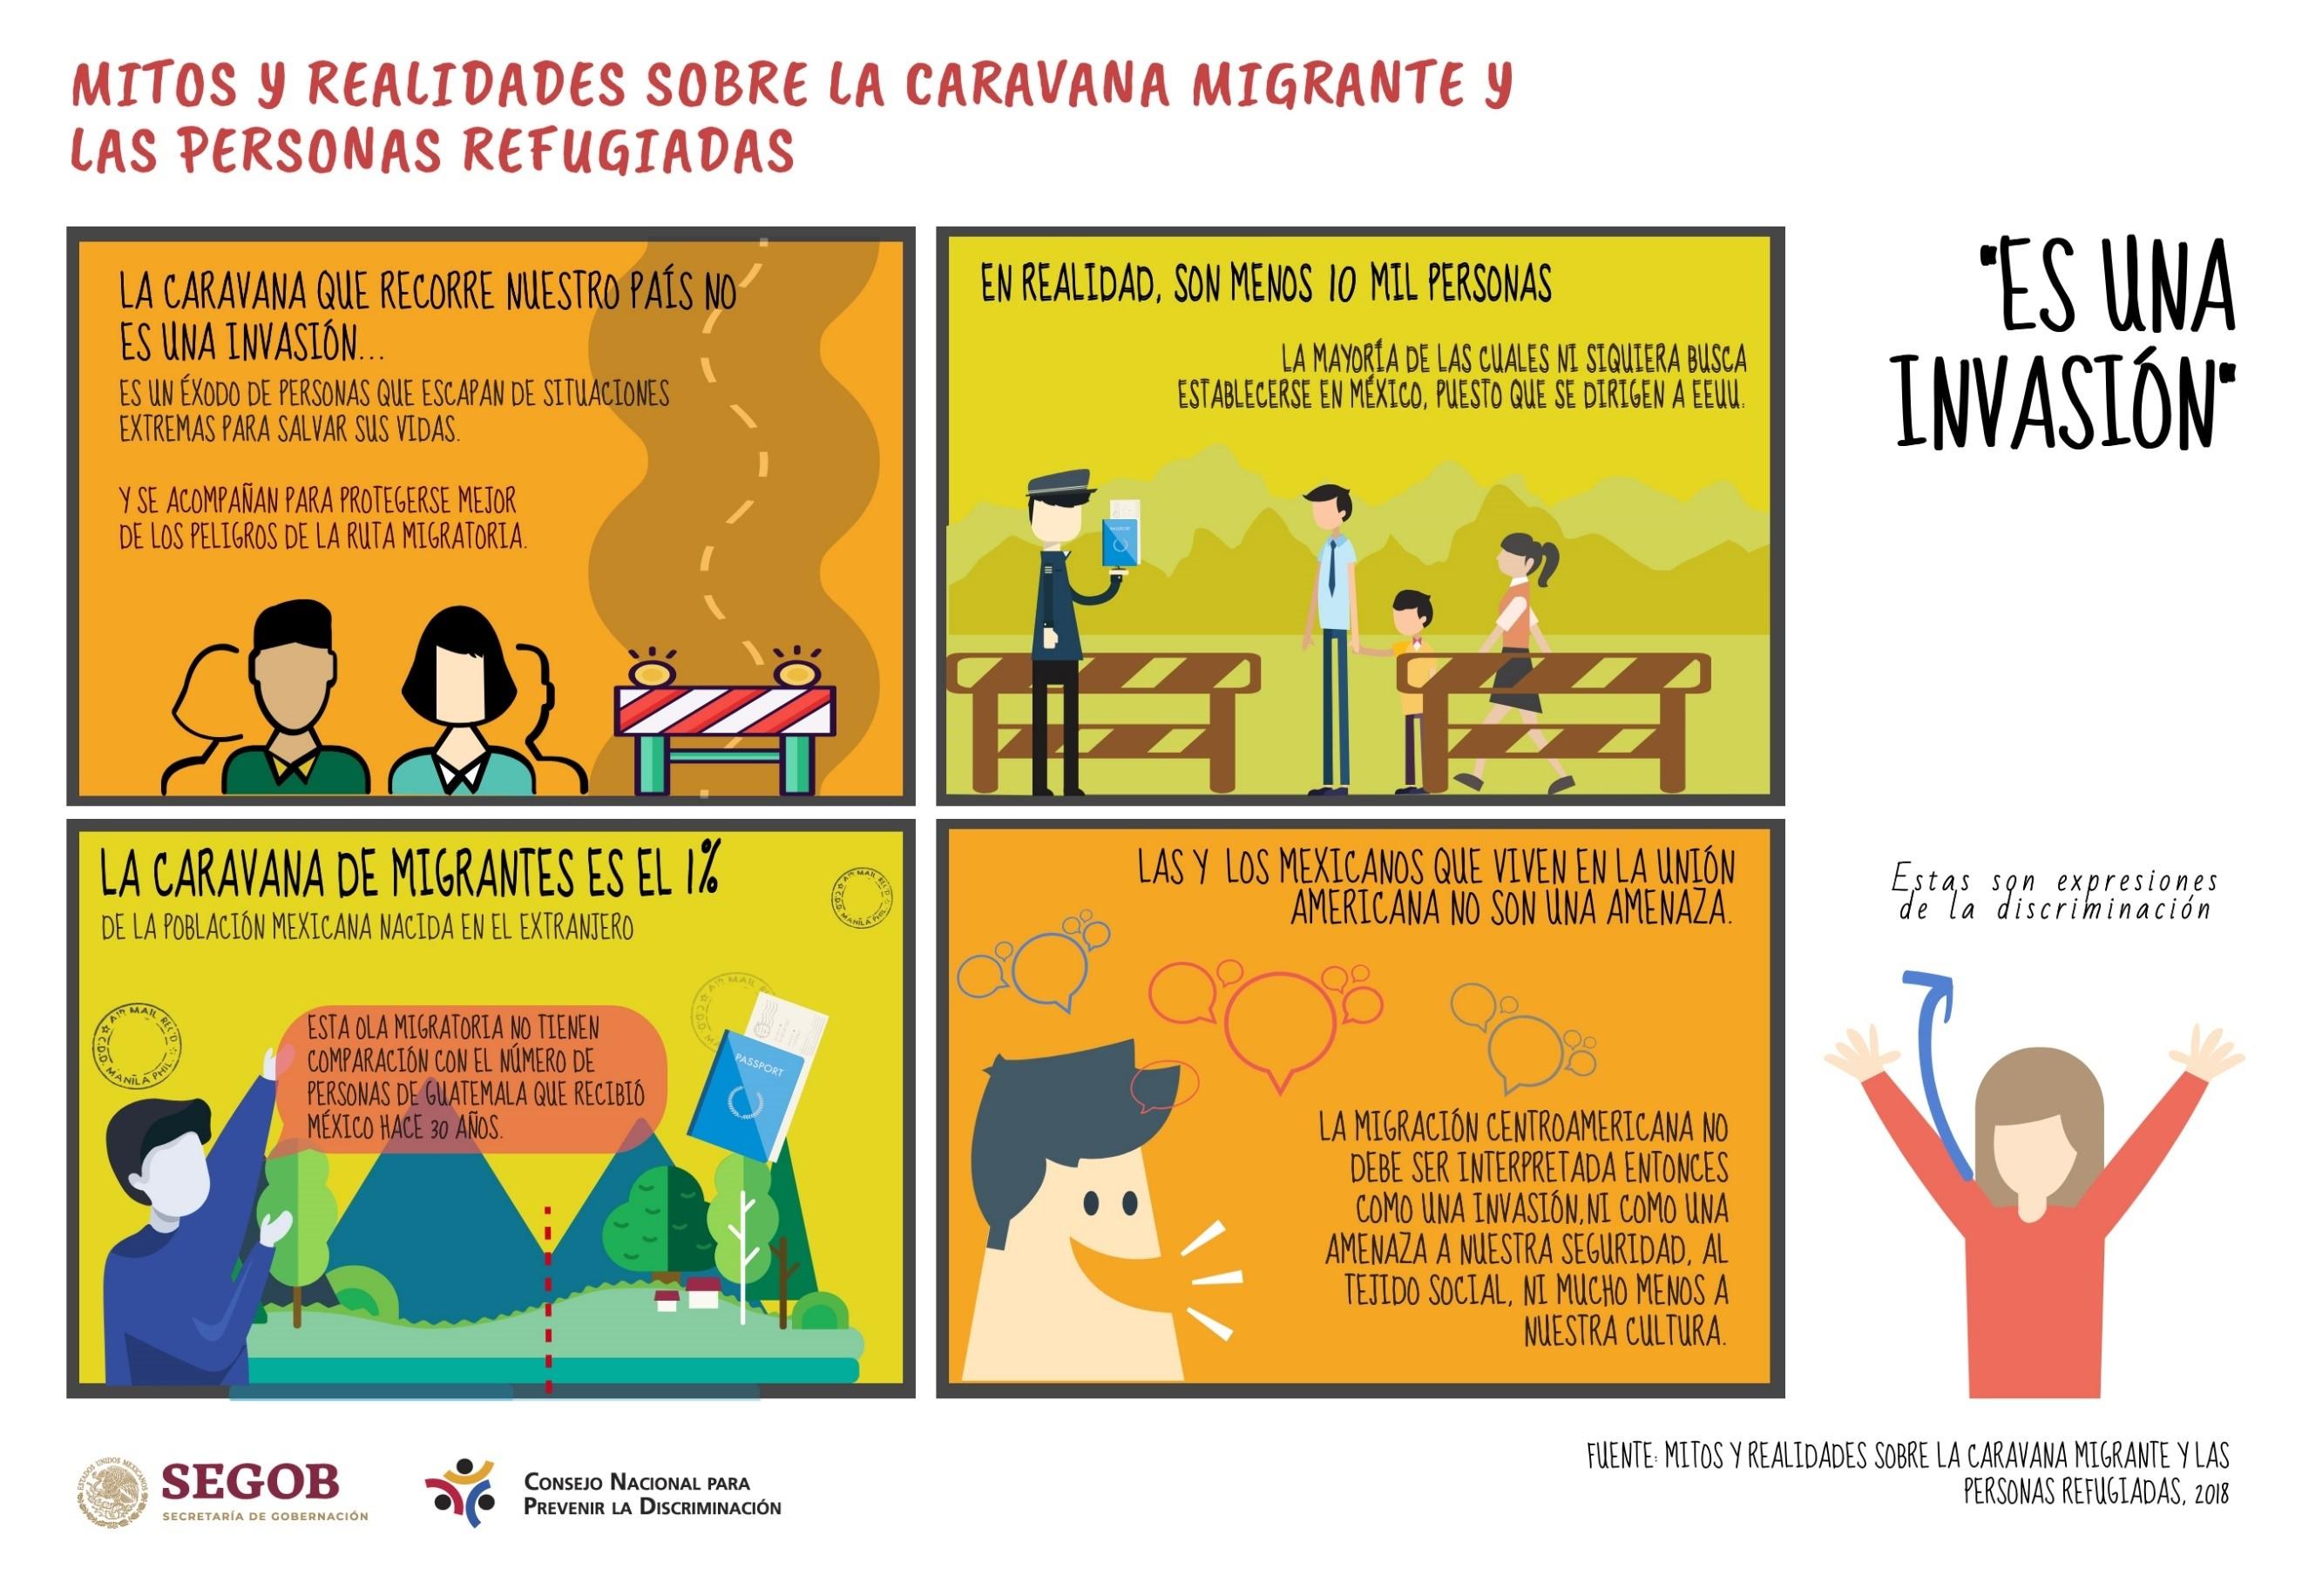 Infografía sobre la caravana migrante